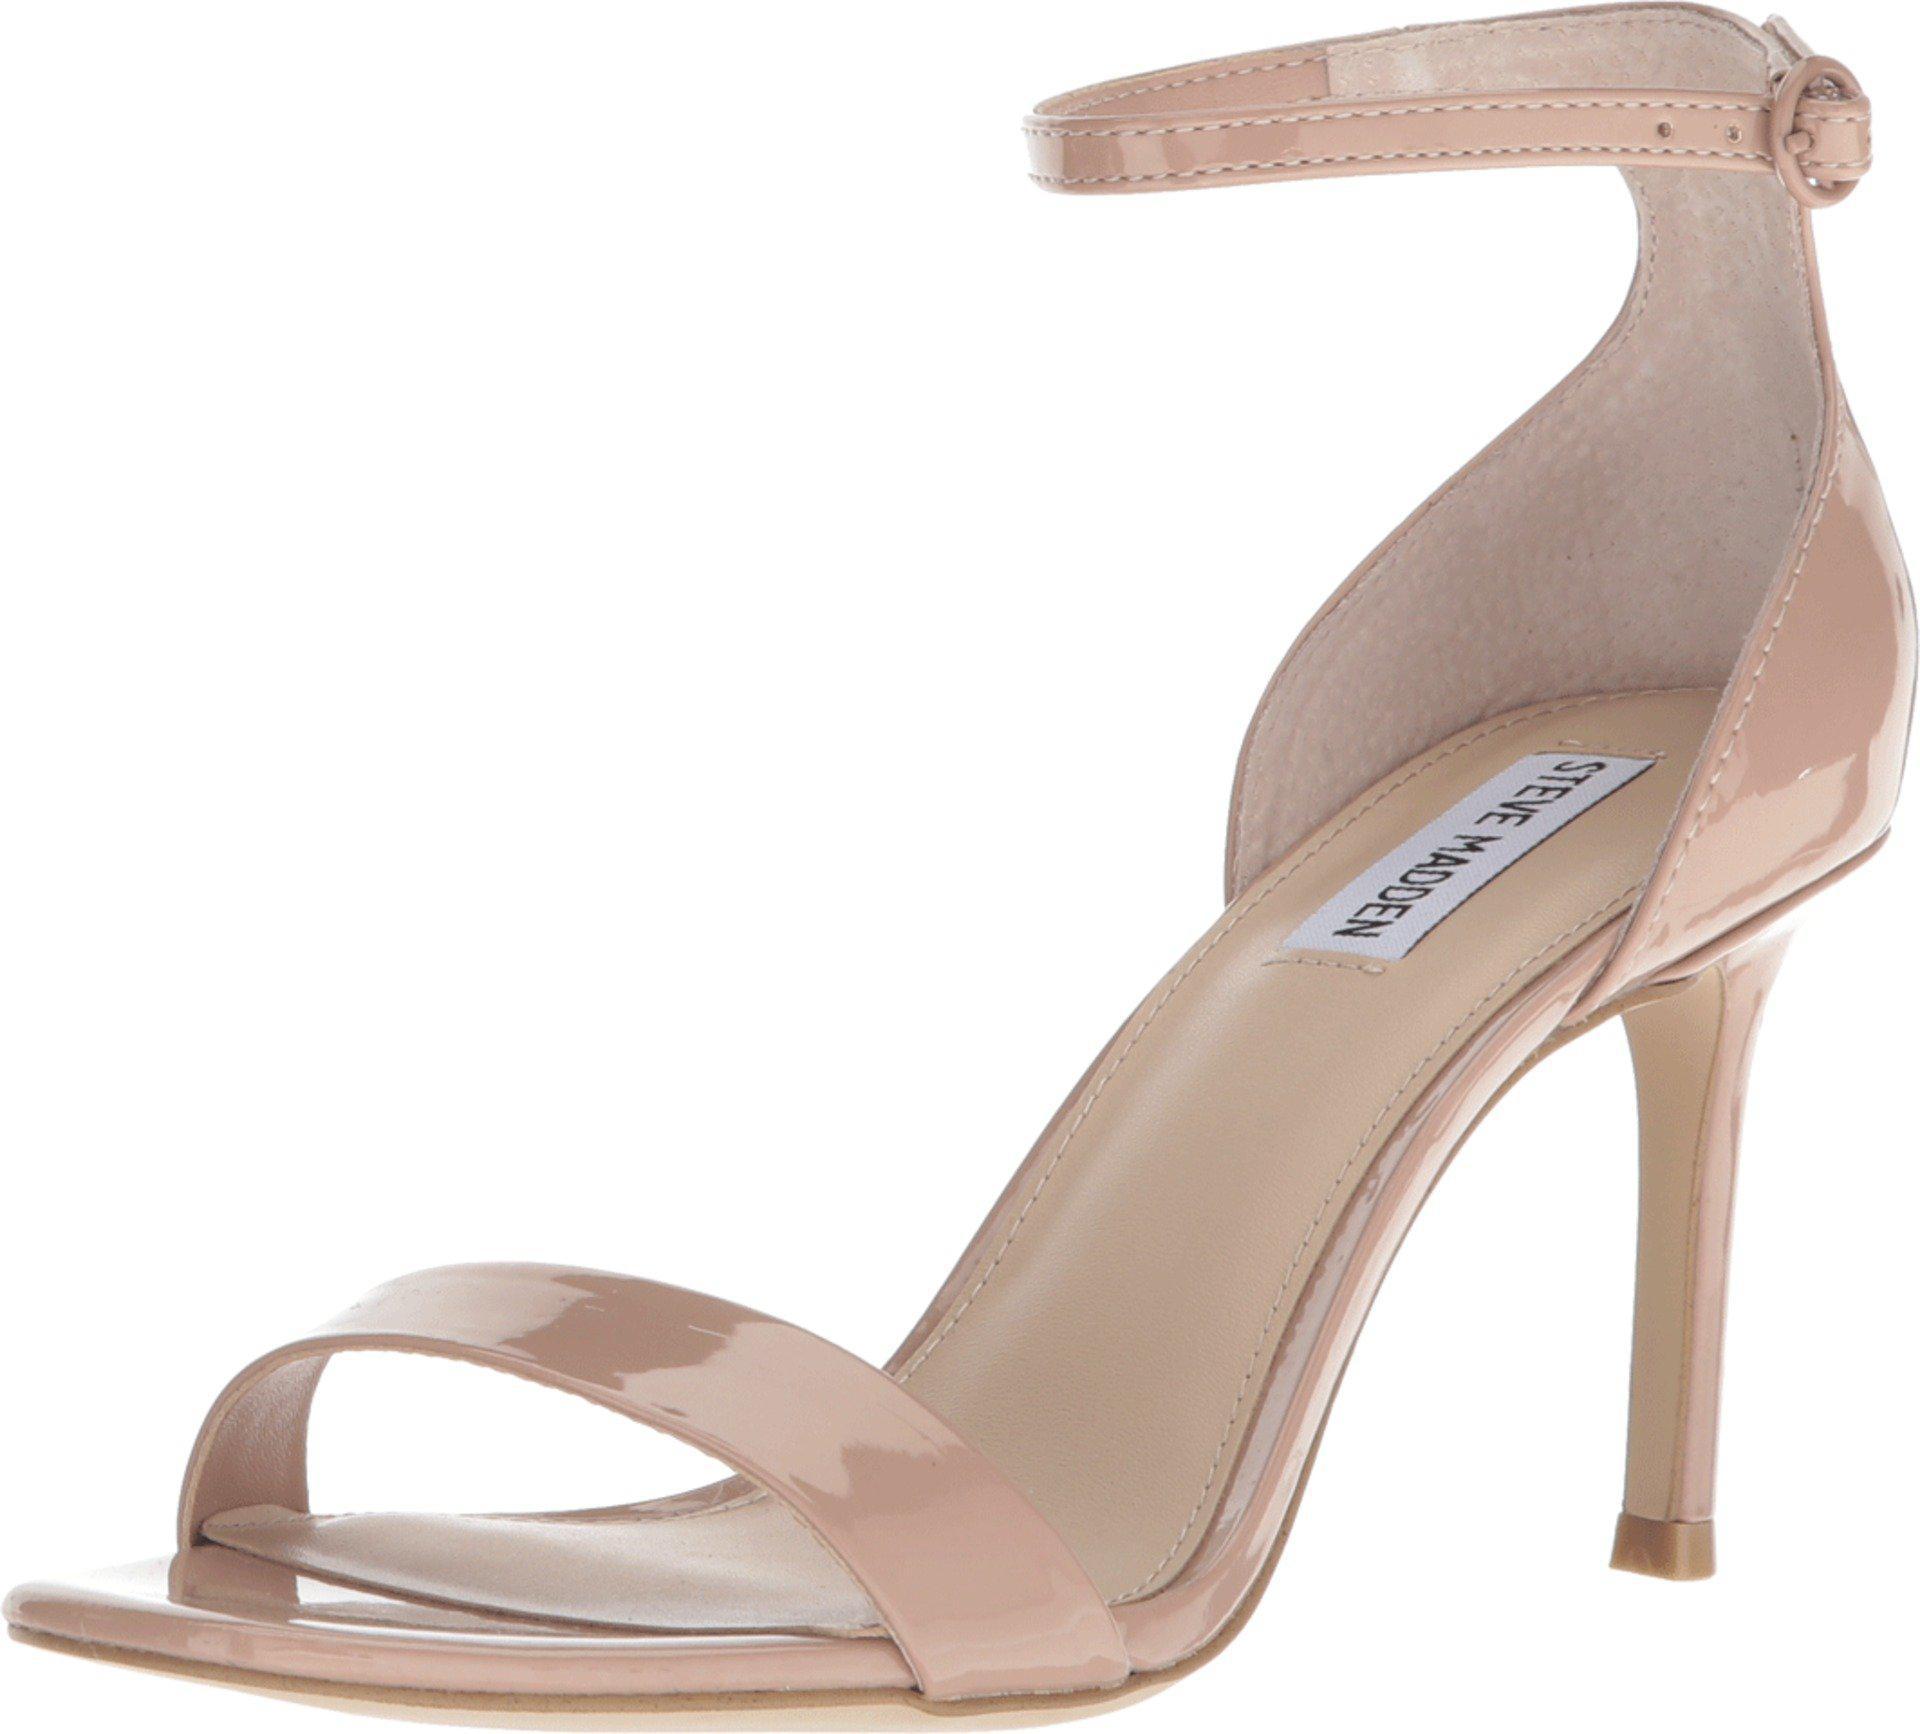 9516316007f Lyst - Steve Madden Fame Heeled Sandal in Natural